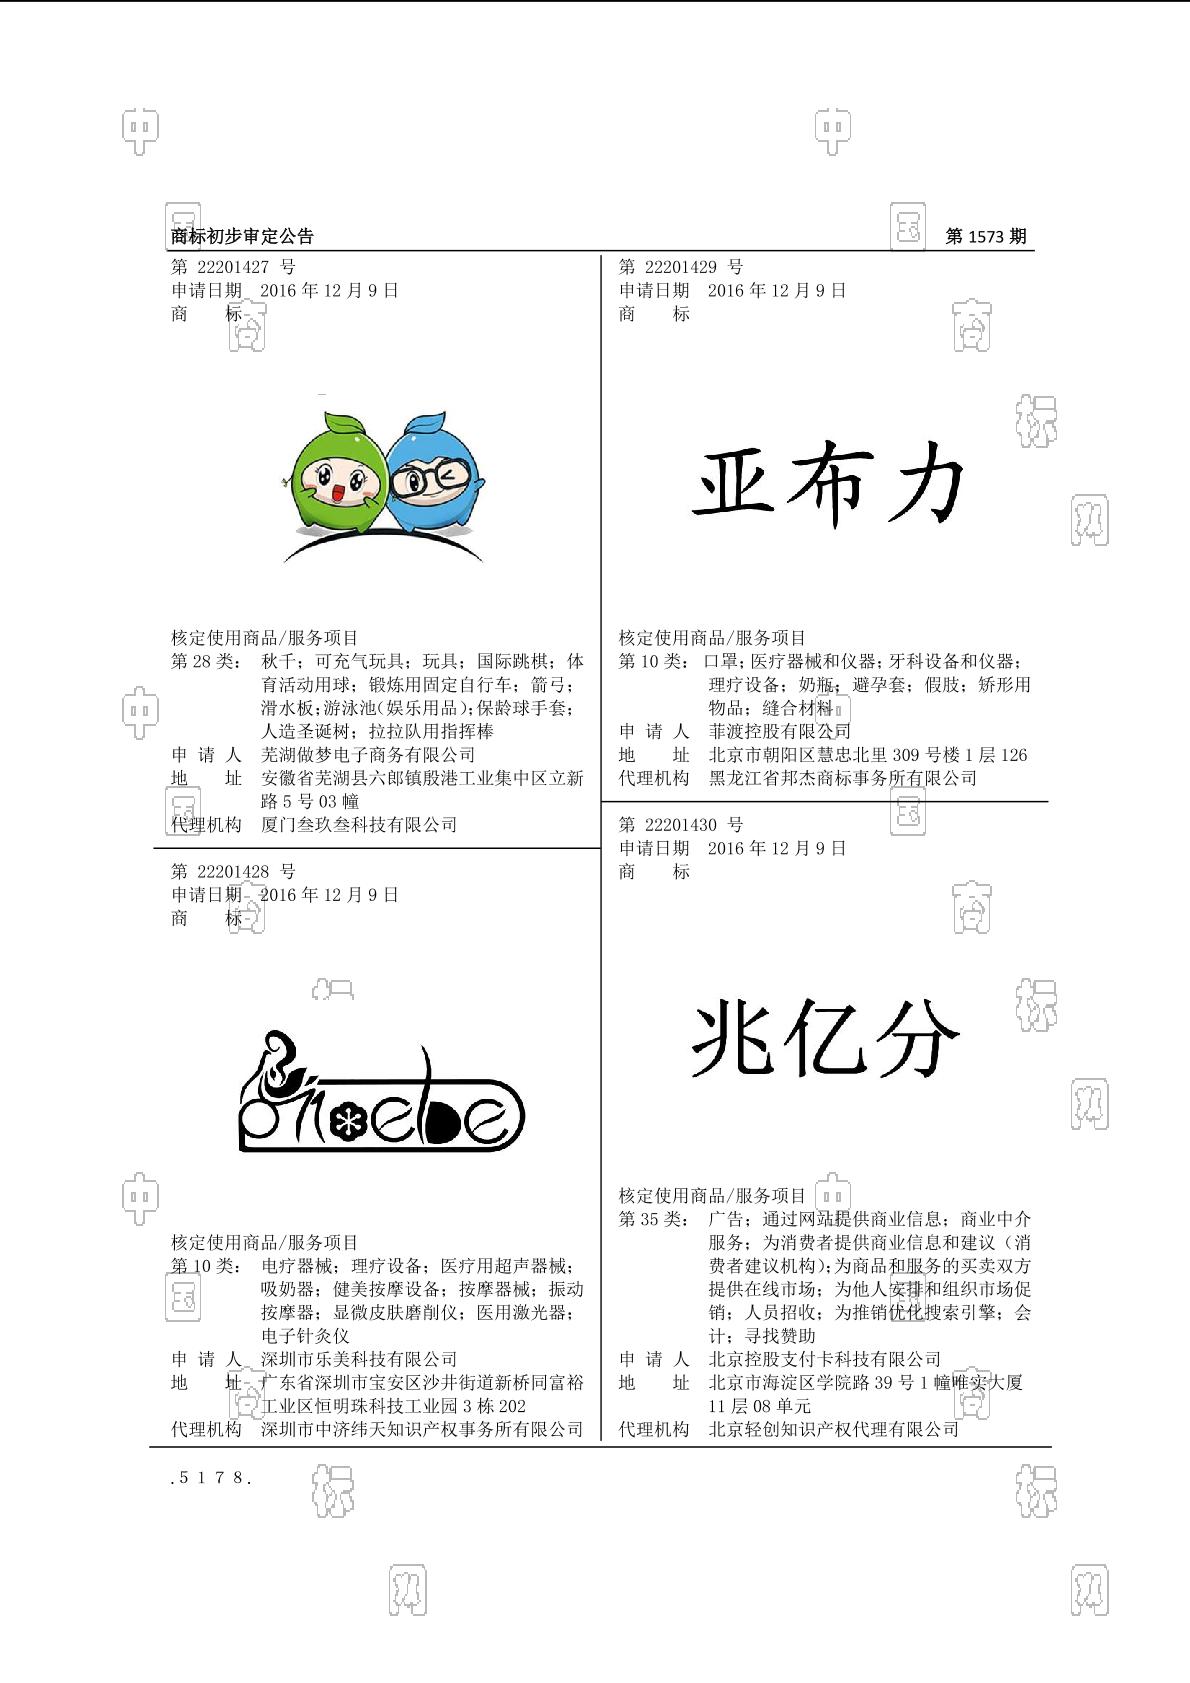 【社标网】22201427商标状态注册号信息 芜湖做梦电子商务有限公司商标信息-商标查询